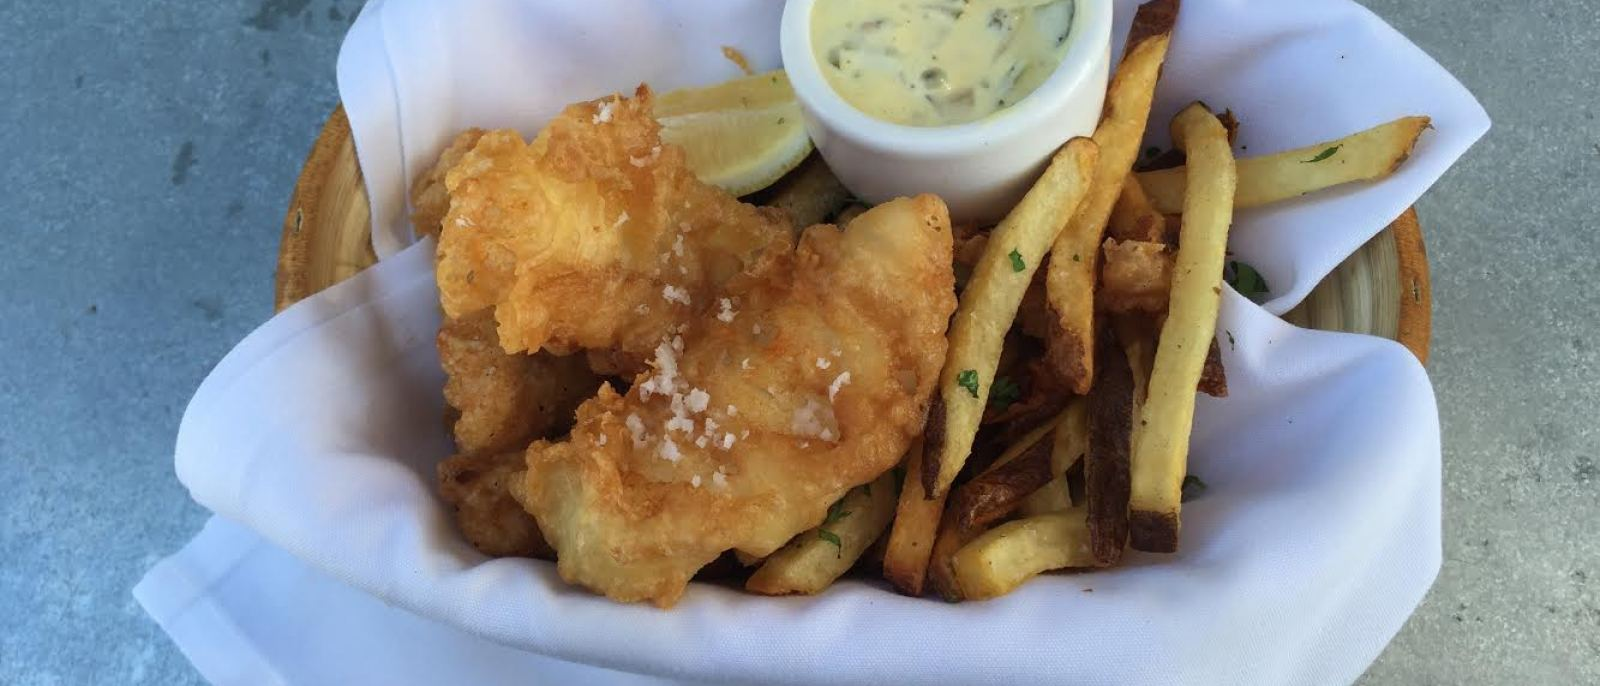 Jules' Fish and Chips at Tavern